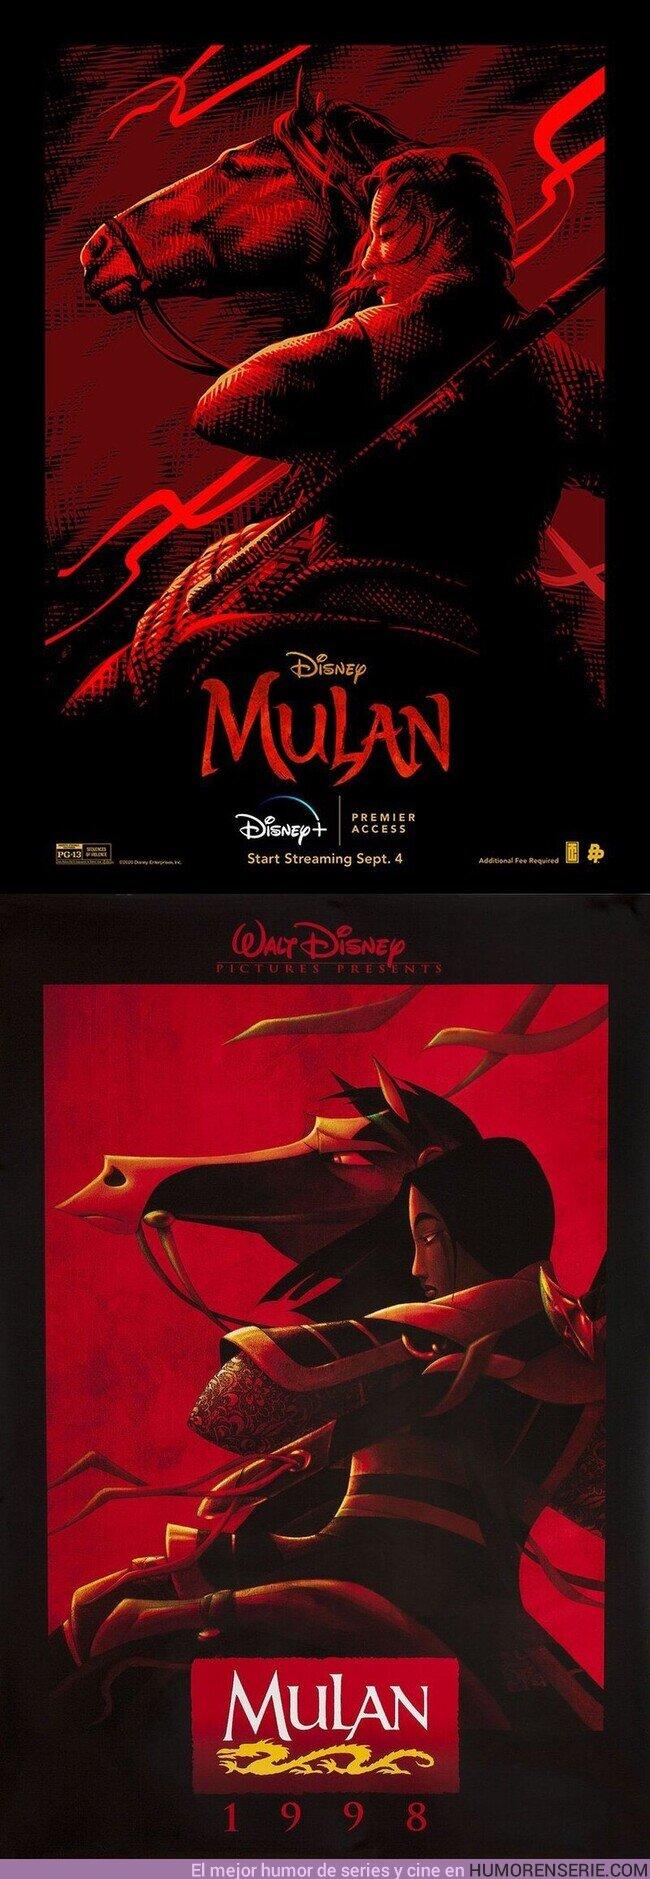 57503 - Nuevo póster del remake de #Mulan que recrea el cartel original para cines de la película de 1998